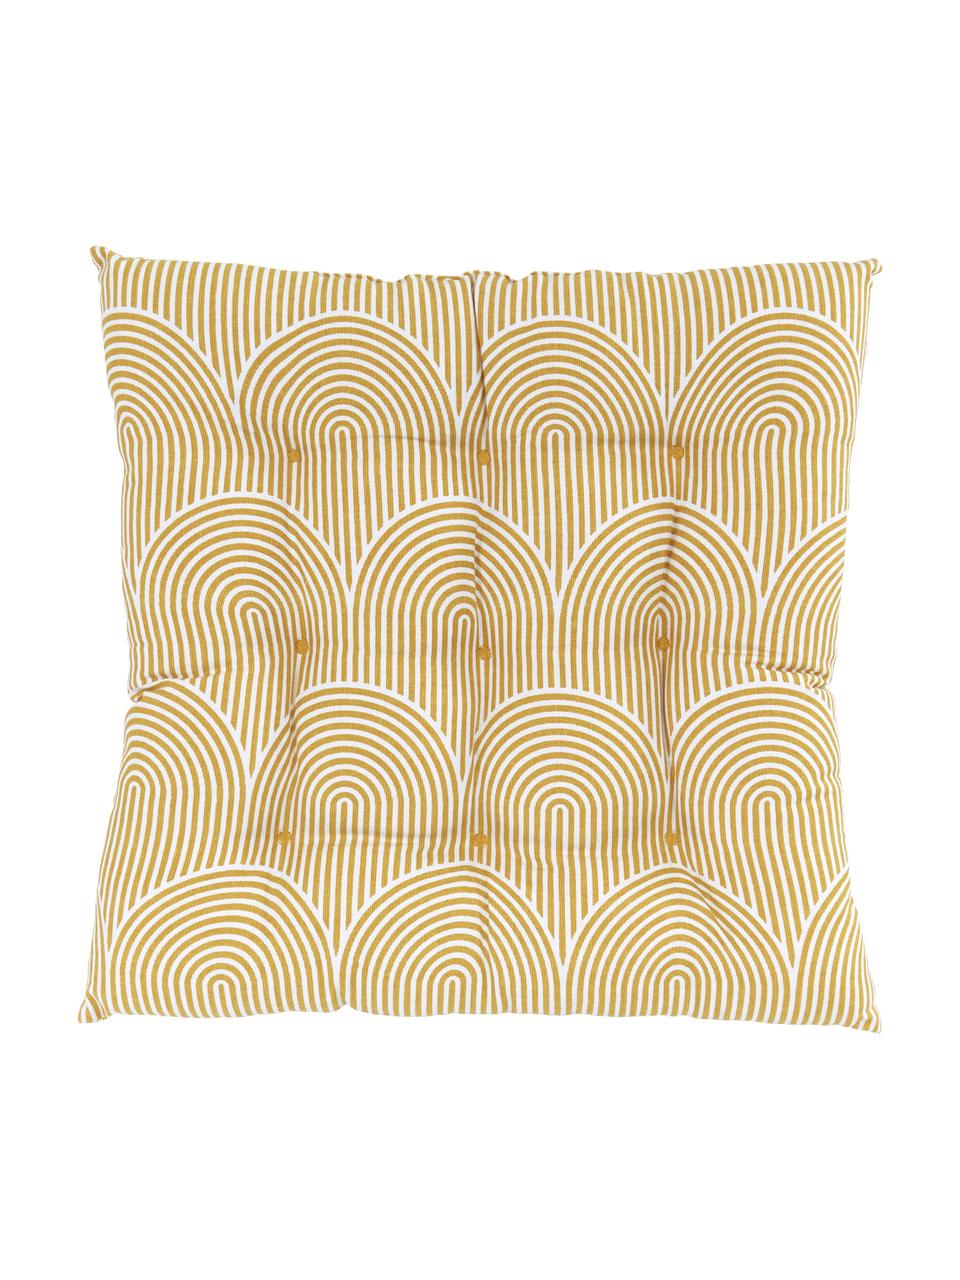 Sitzkissen Arc in Gelb/Weiß, Bezug: 100% Baumwolle, Gelb, 40 x 40 cm